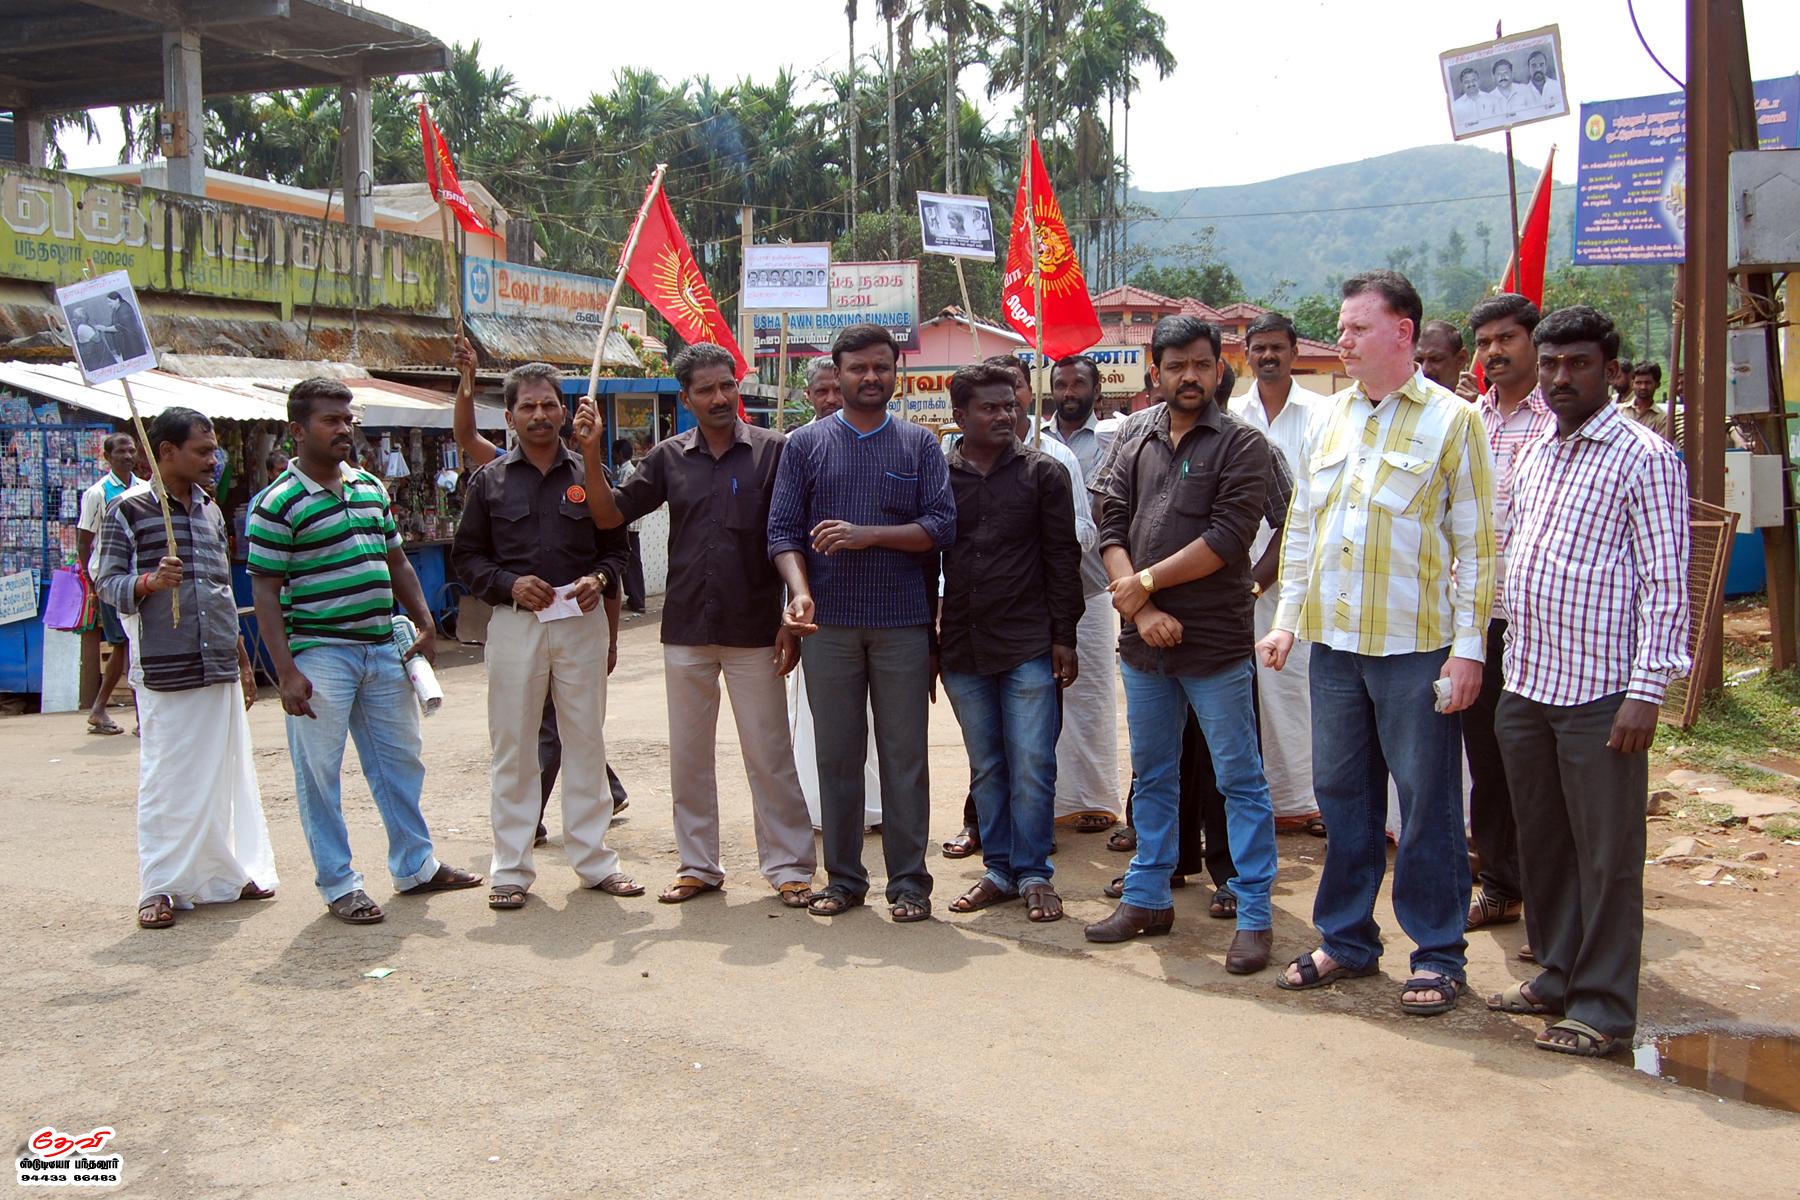 முற்றுகை: நாம் தமிழர் கட்சியினர் 32 பேர் கைது DSC 2501